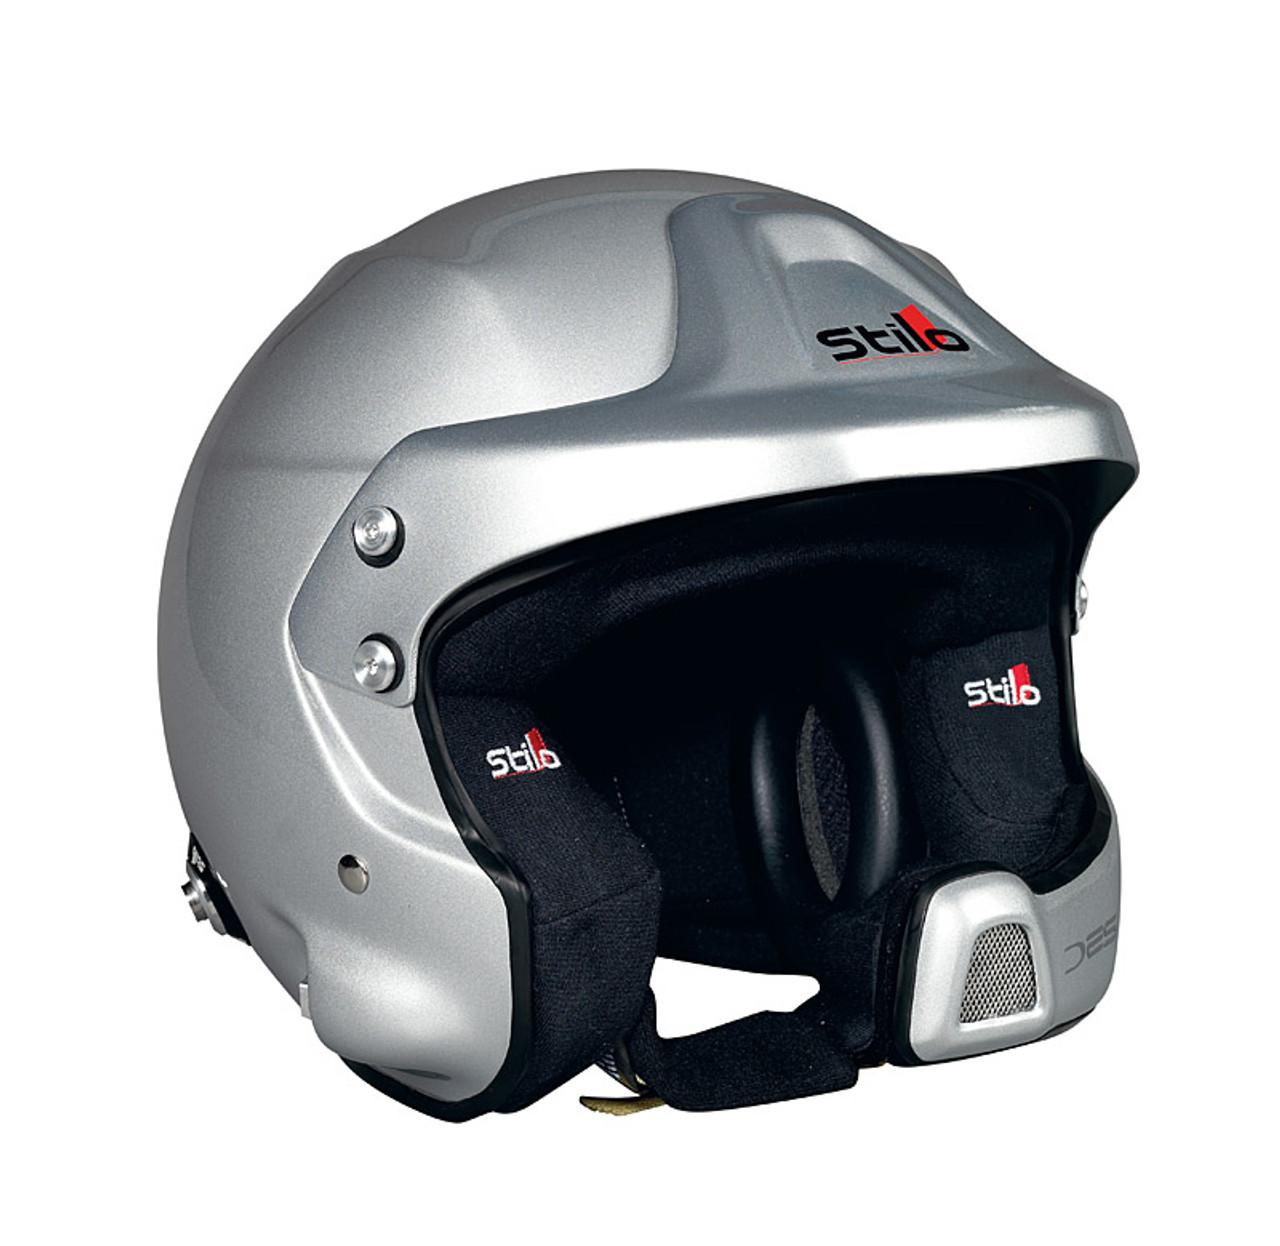 STILO WRC DES Composite Helmet-CLEARANCE